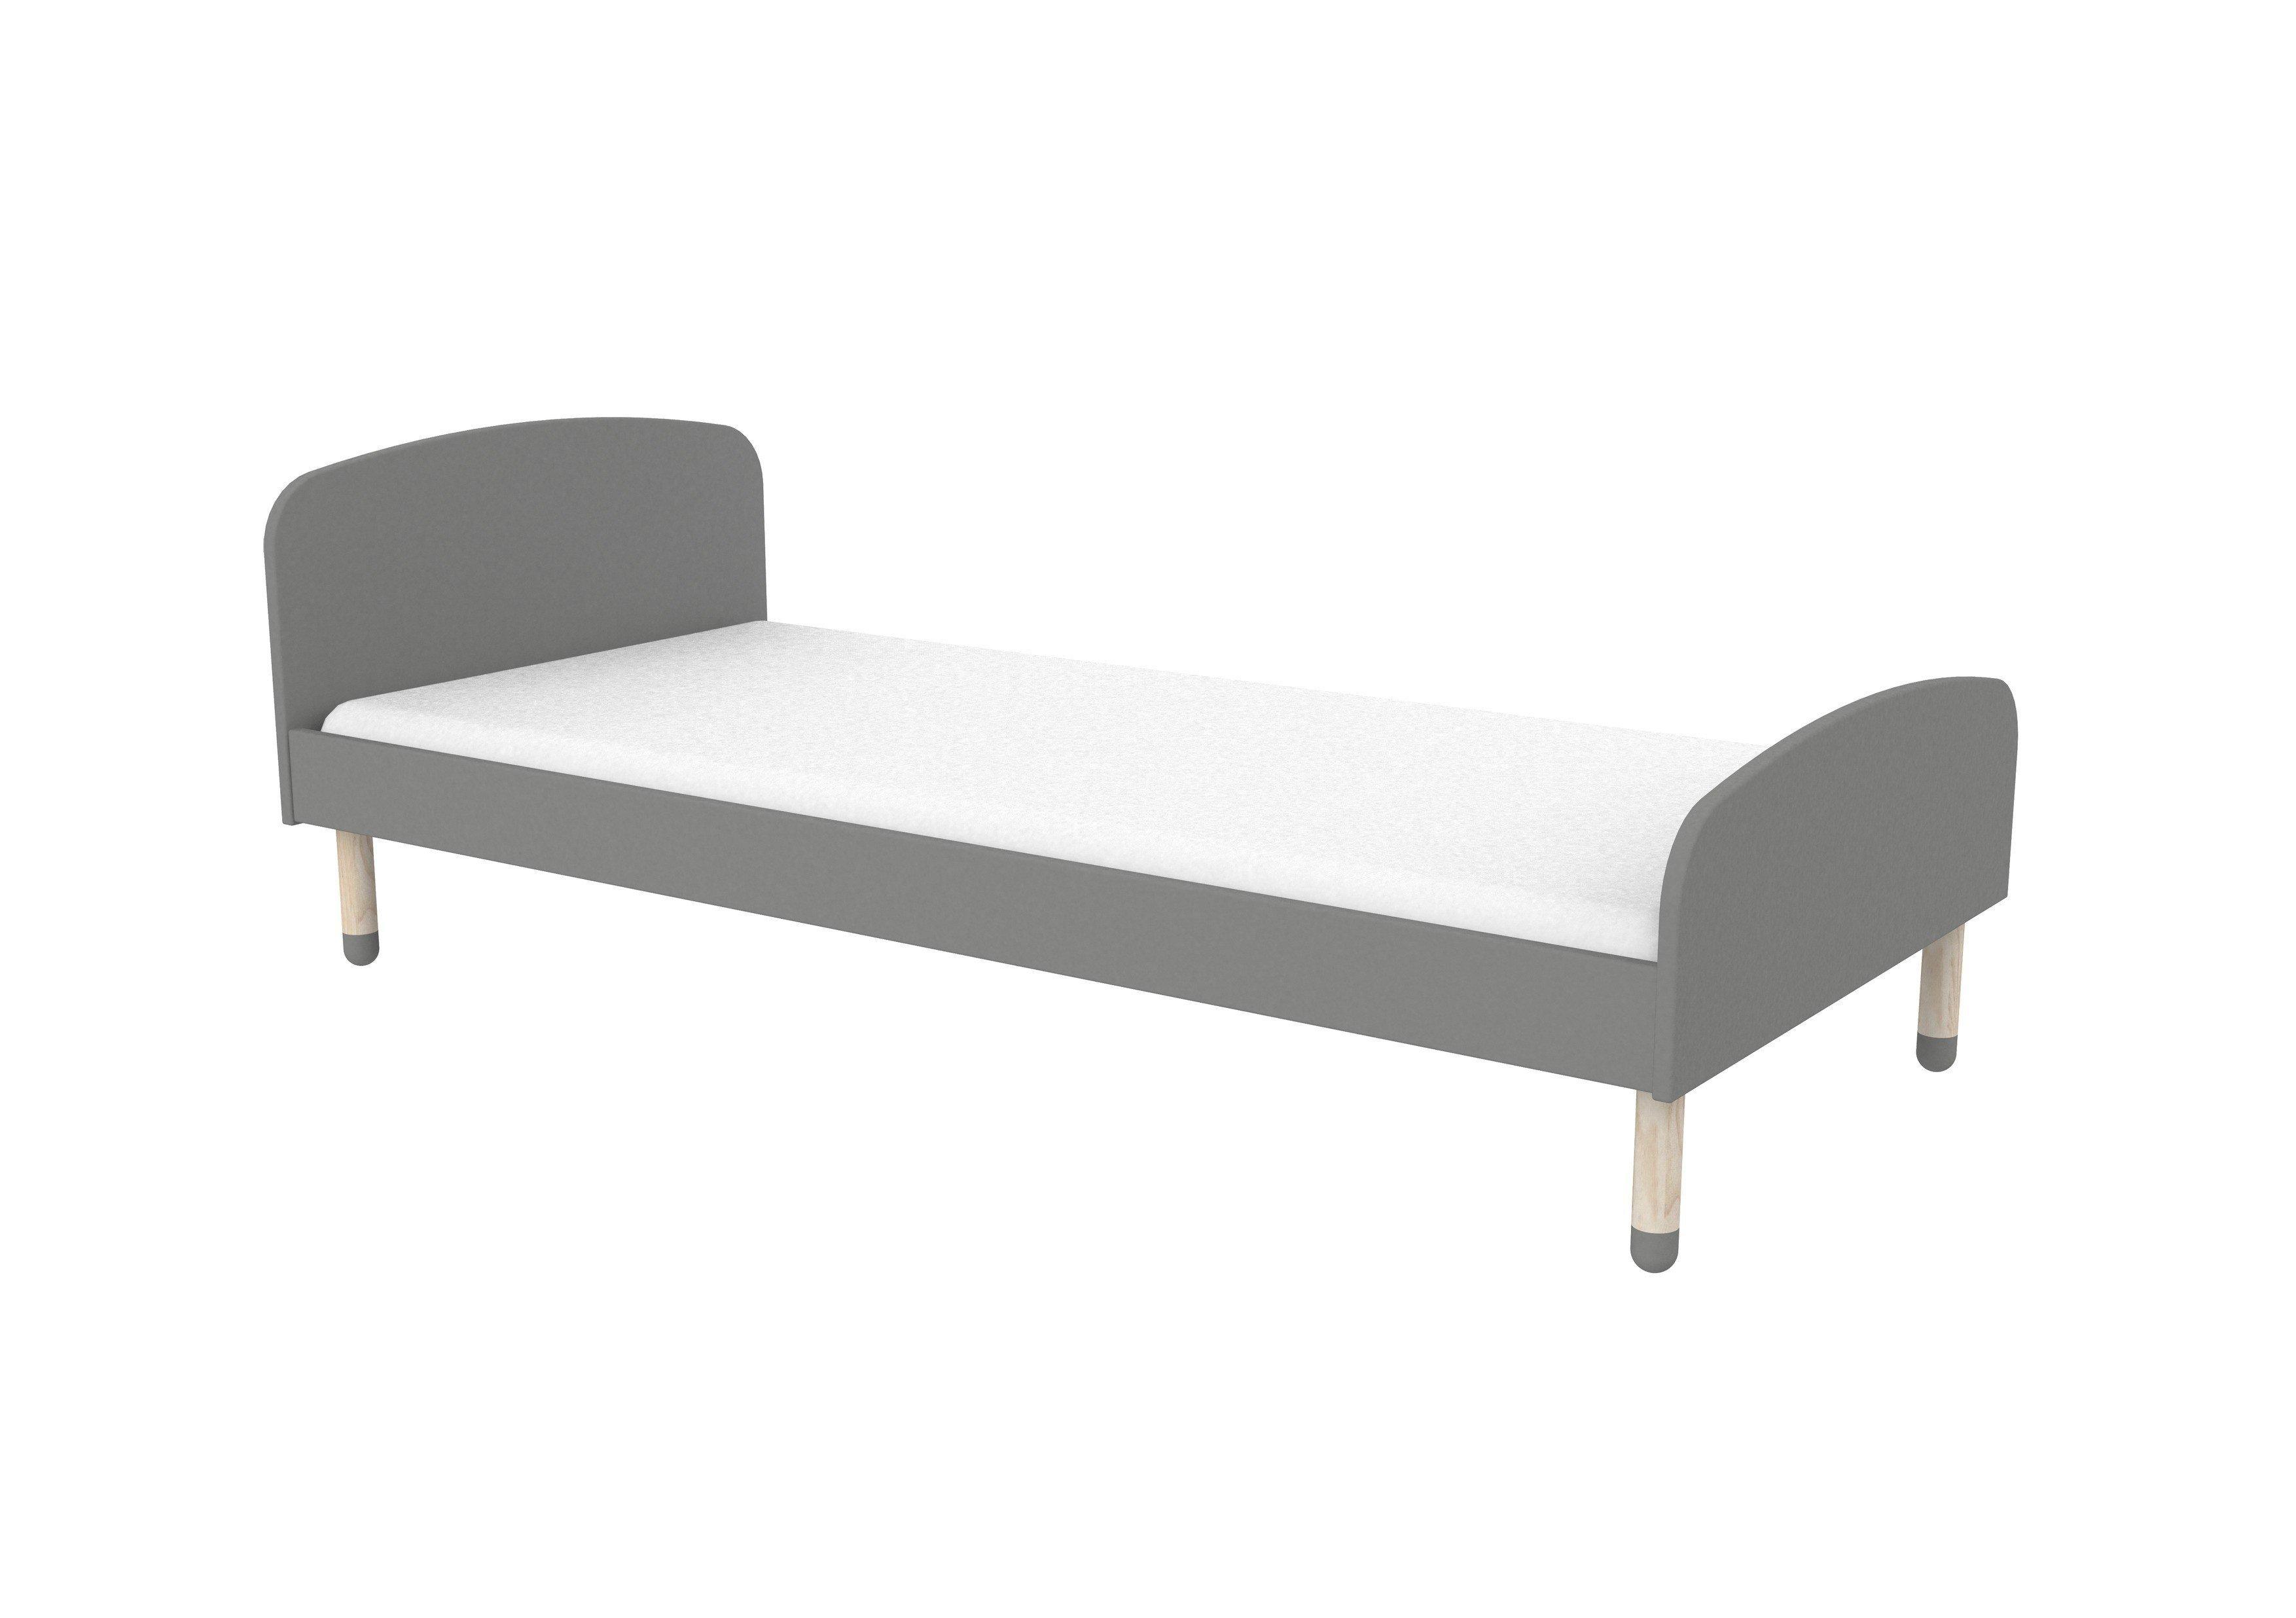 play kindertisch mit bank und stuhl von flexa m bel letz ihr online shop. Black Bedroom Furniture Sets. Home Design Ideas